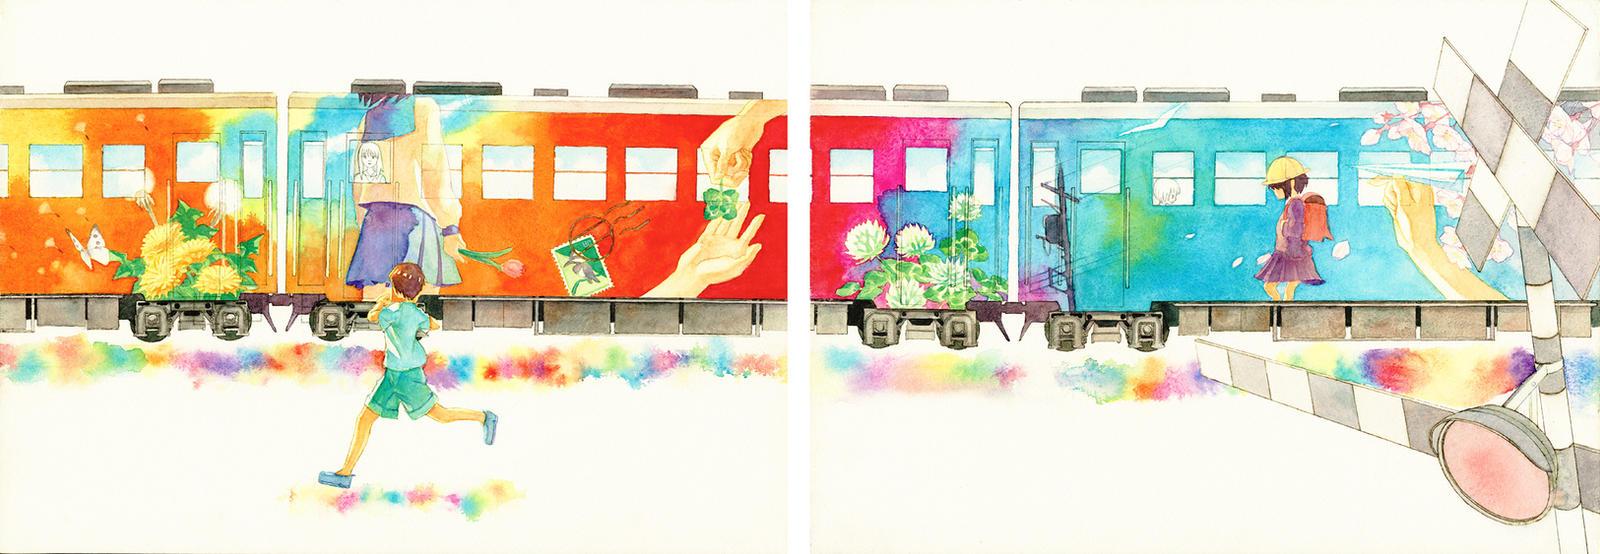 Good bye,train. by matabi